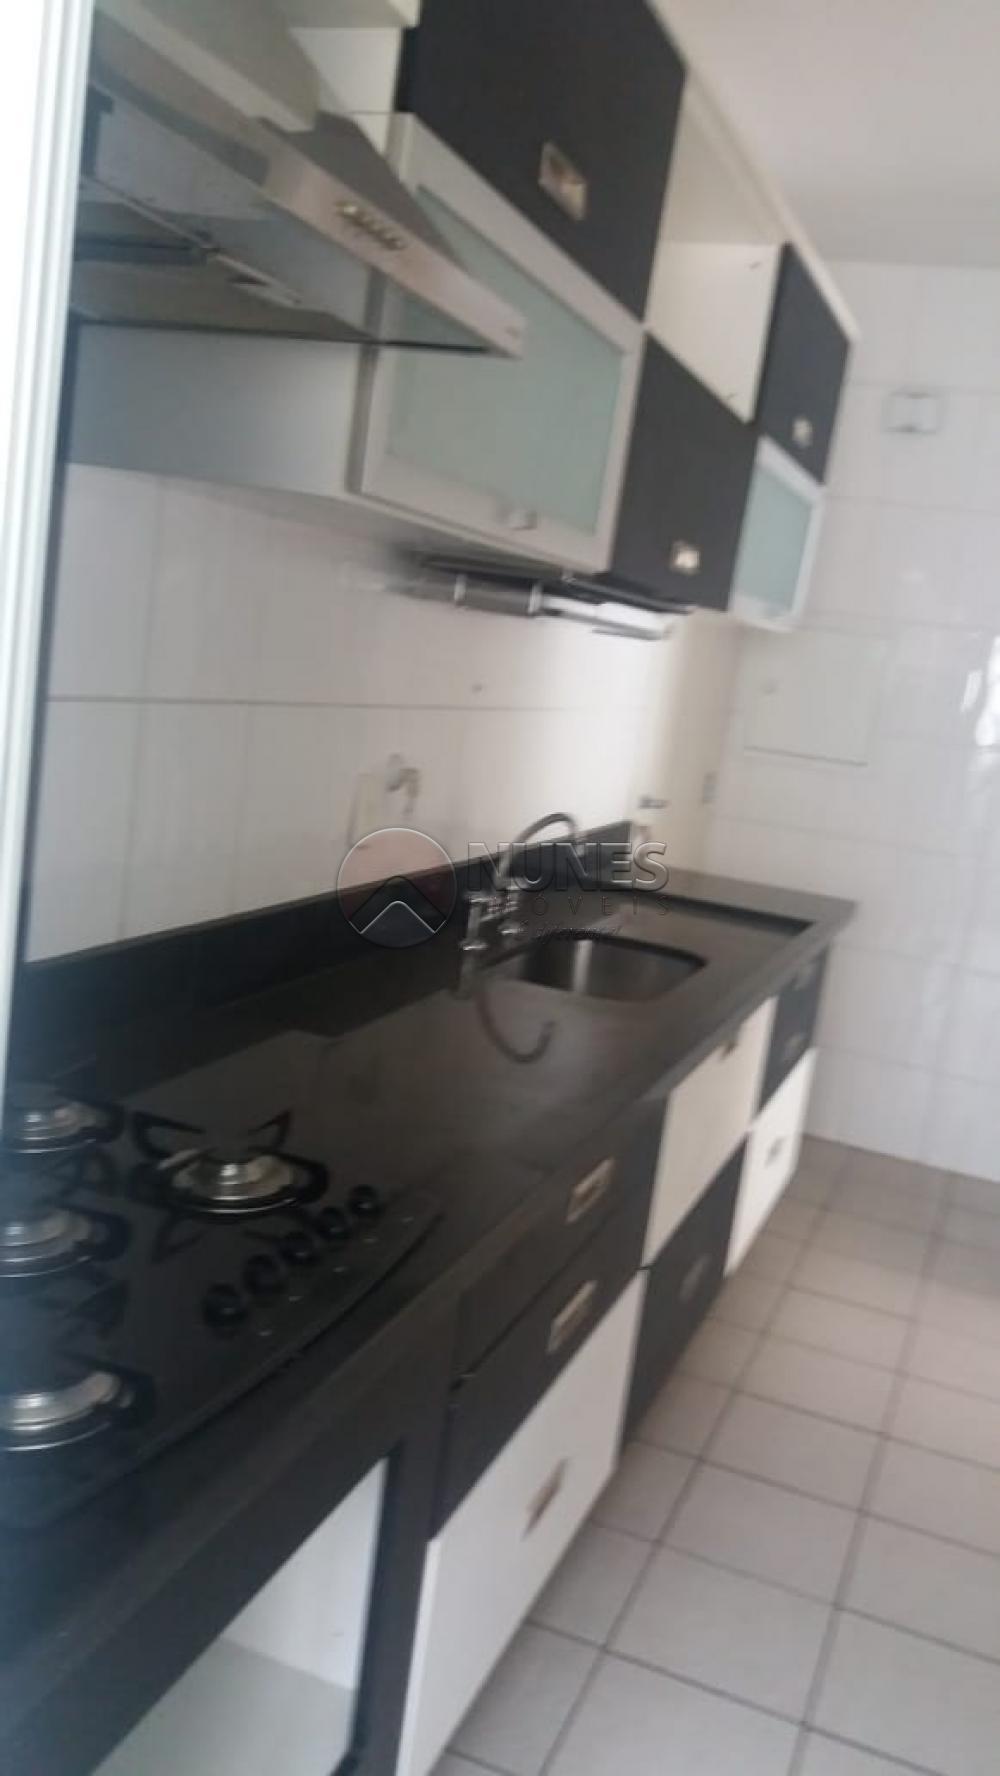 Comprar Apartamento / Padrão em São Paulo apenas R$ 640.000,00 - Foto 10